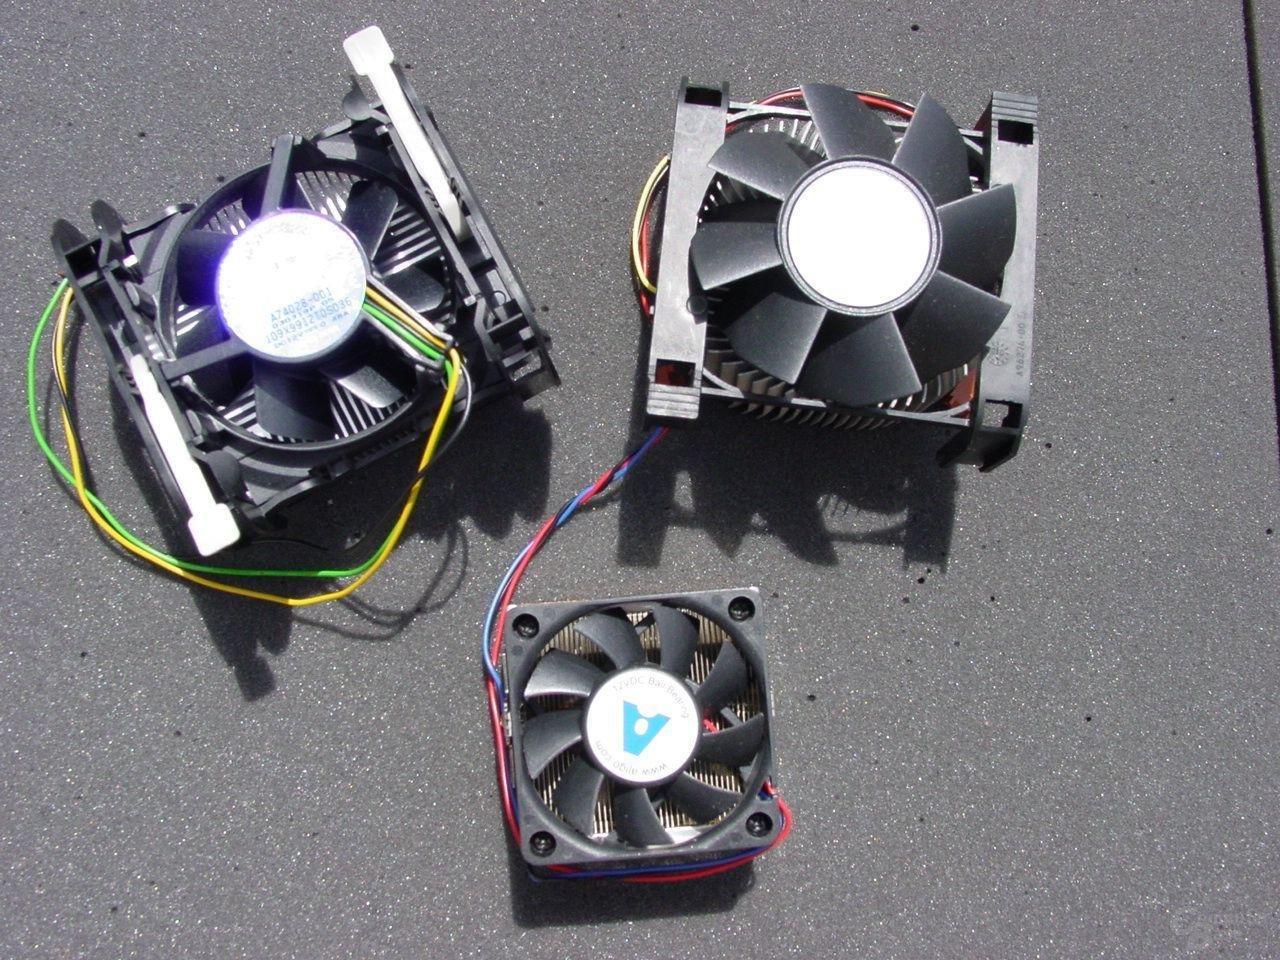 Intel Pentium 4 3,2 GHz Boxed Kühler Modell B (o.l.) - Intel Pentium 4 über 3,00 GHz Referenz Kühler (o.r.) - Athlon XP 3200+ Referenzkühler (u.m.)